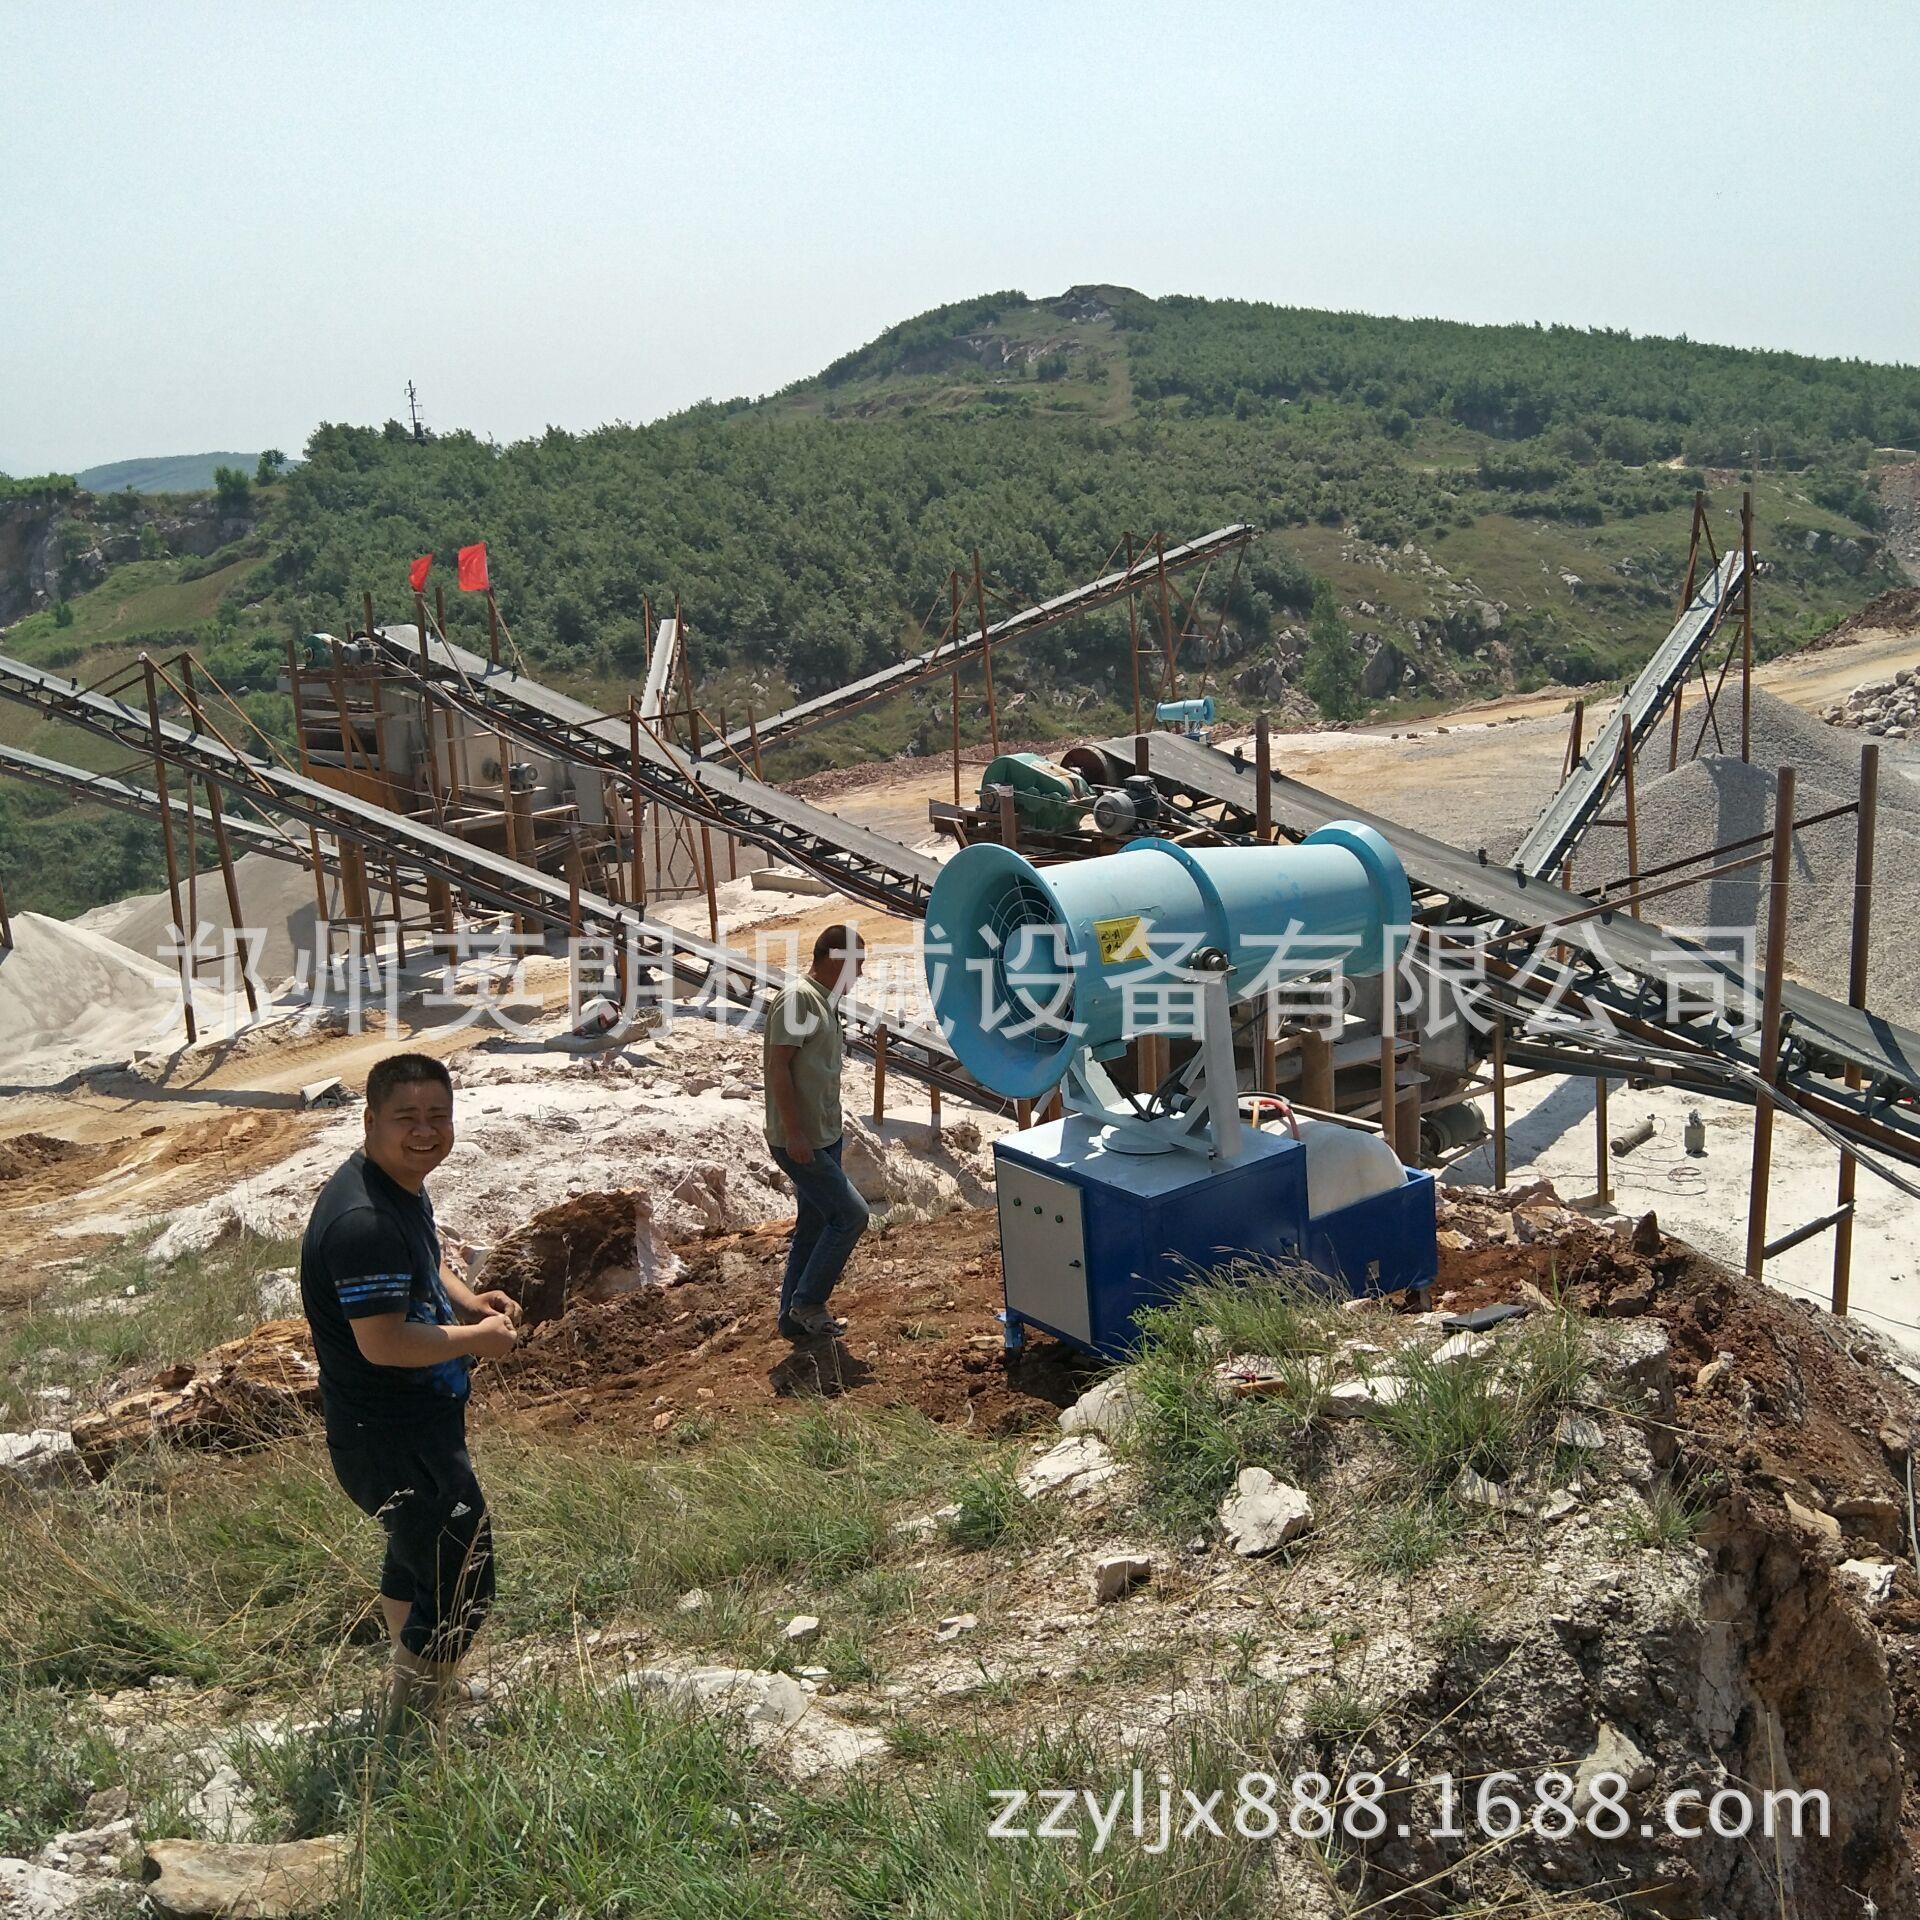 石料生产线全套设备配置 砂石石料生产线 大型石头破碎生产线示例图12